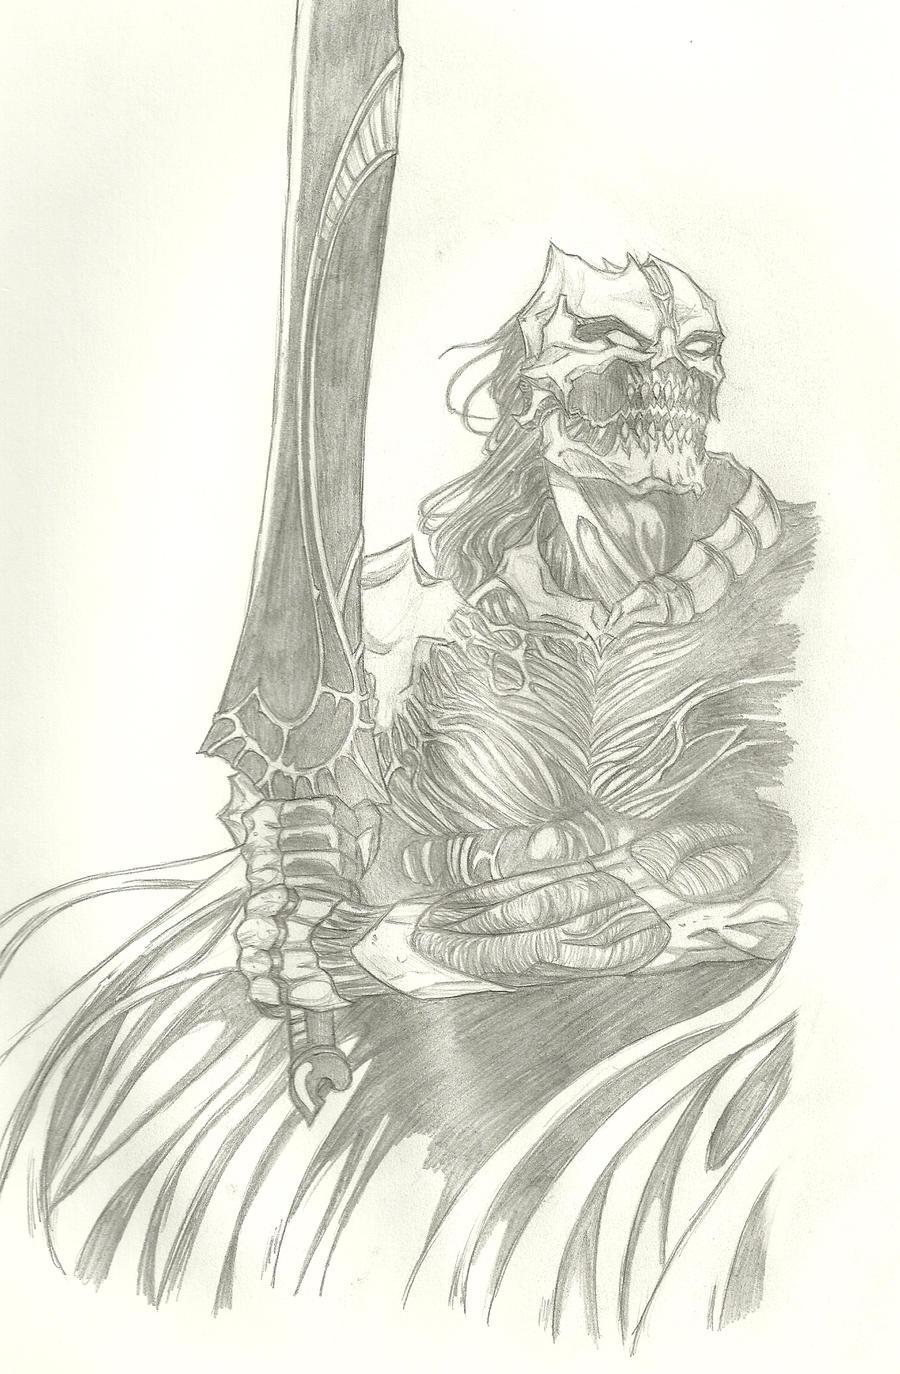 godslayer by THEGODSLAYER91